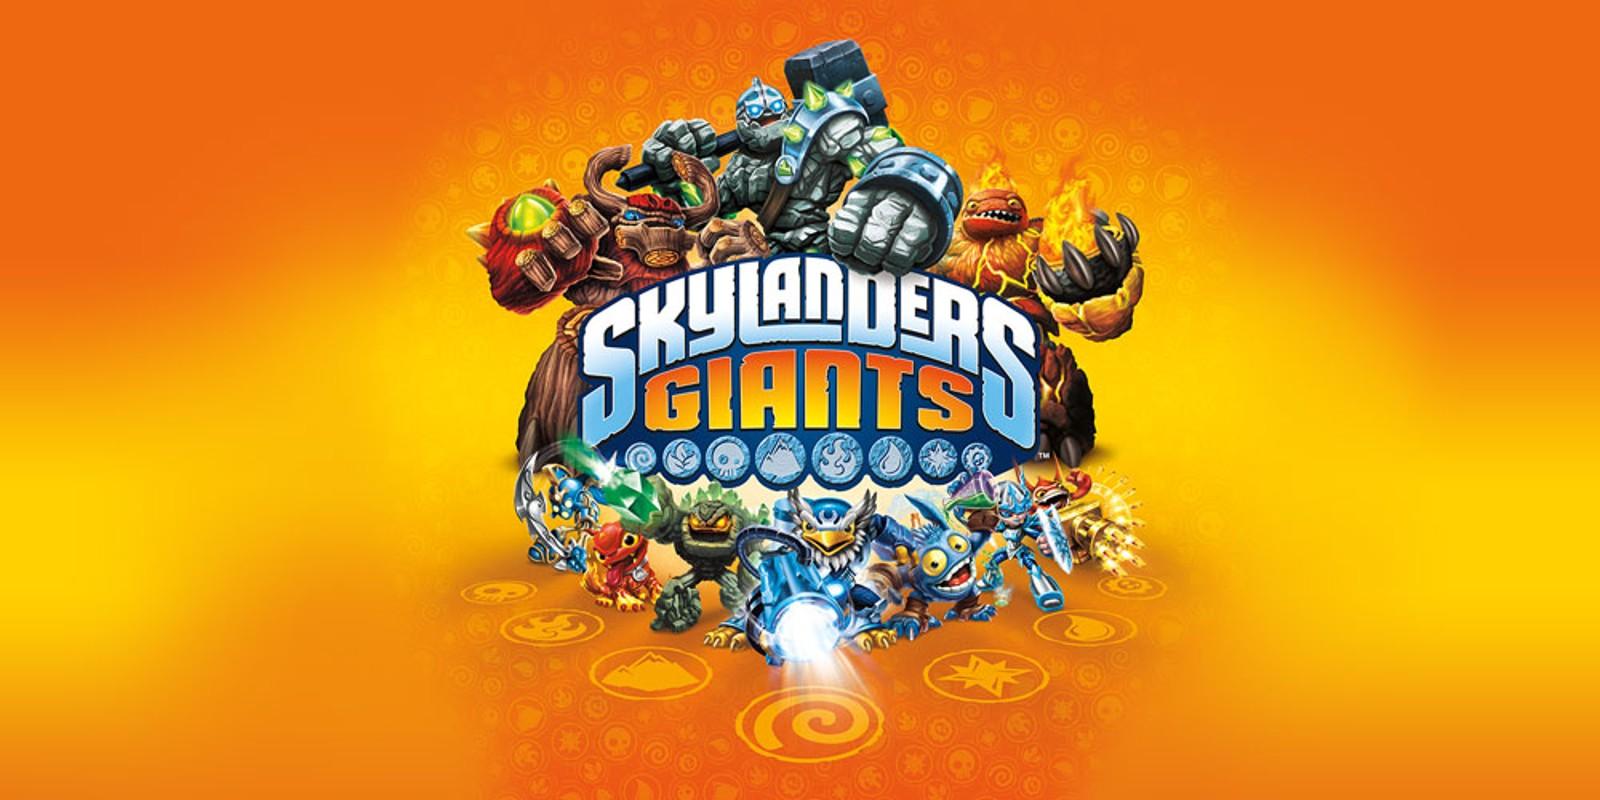 SI_WiiU_SkylandersGiants_image1600w.jpg